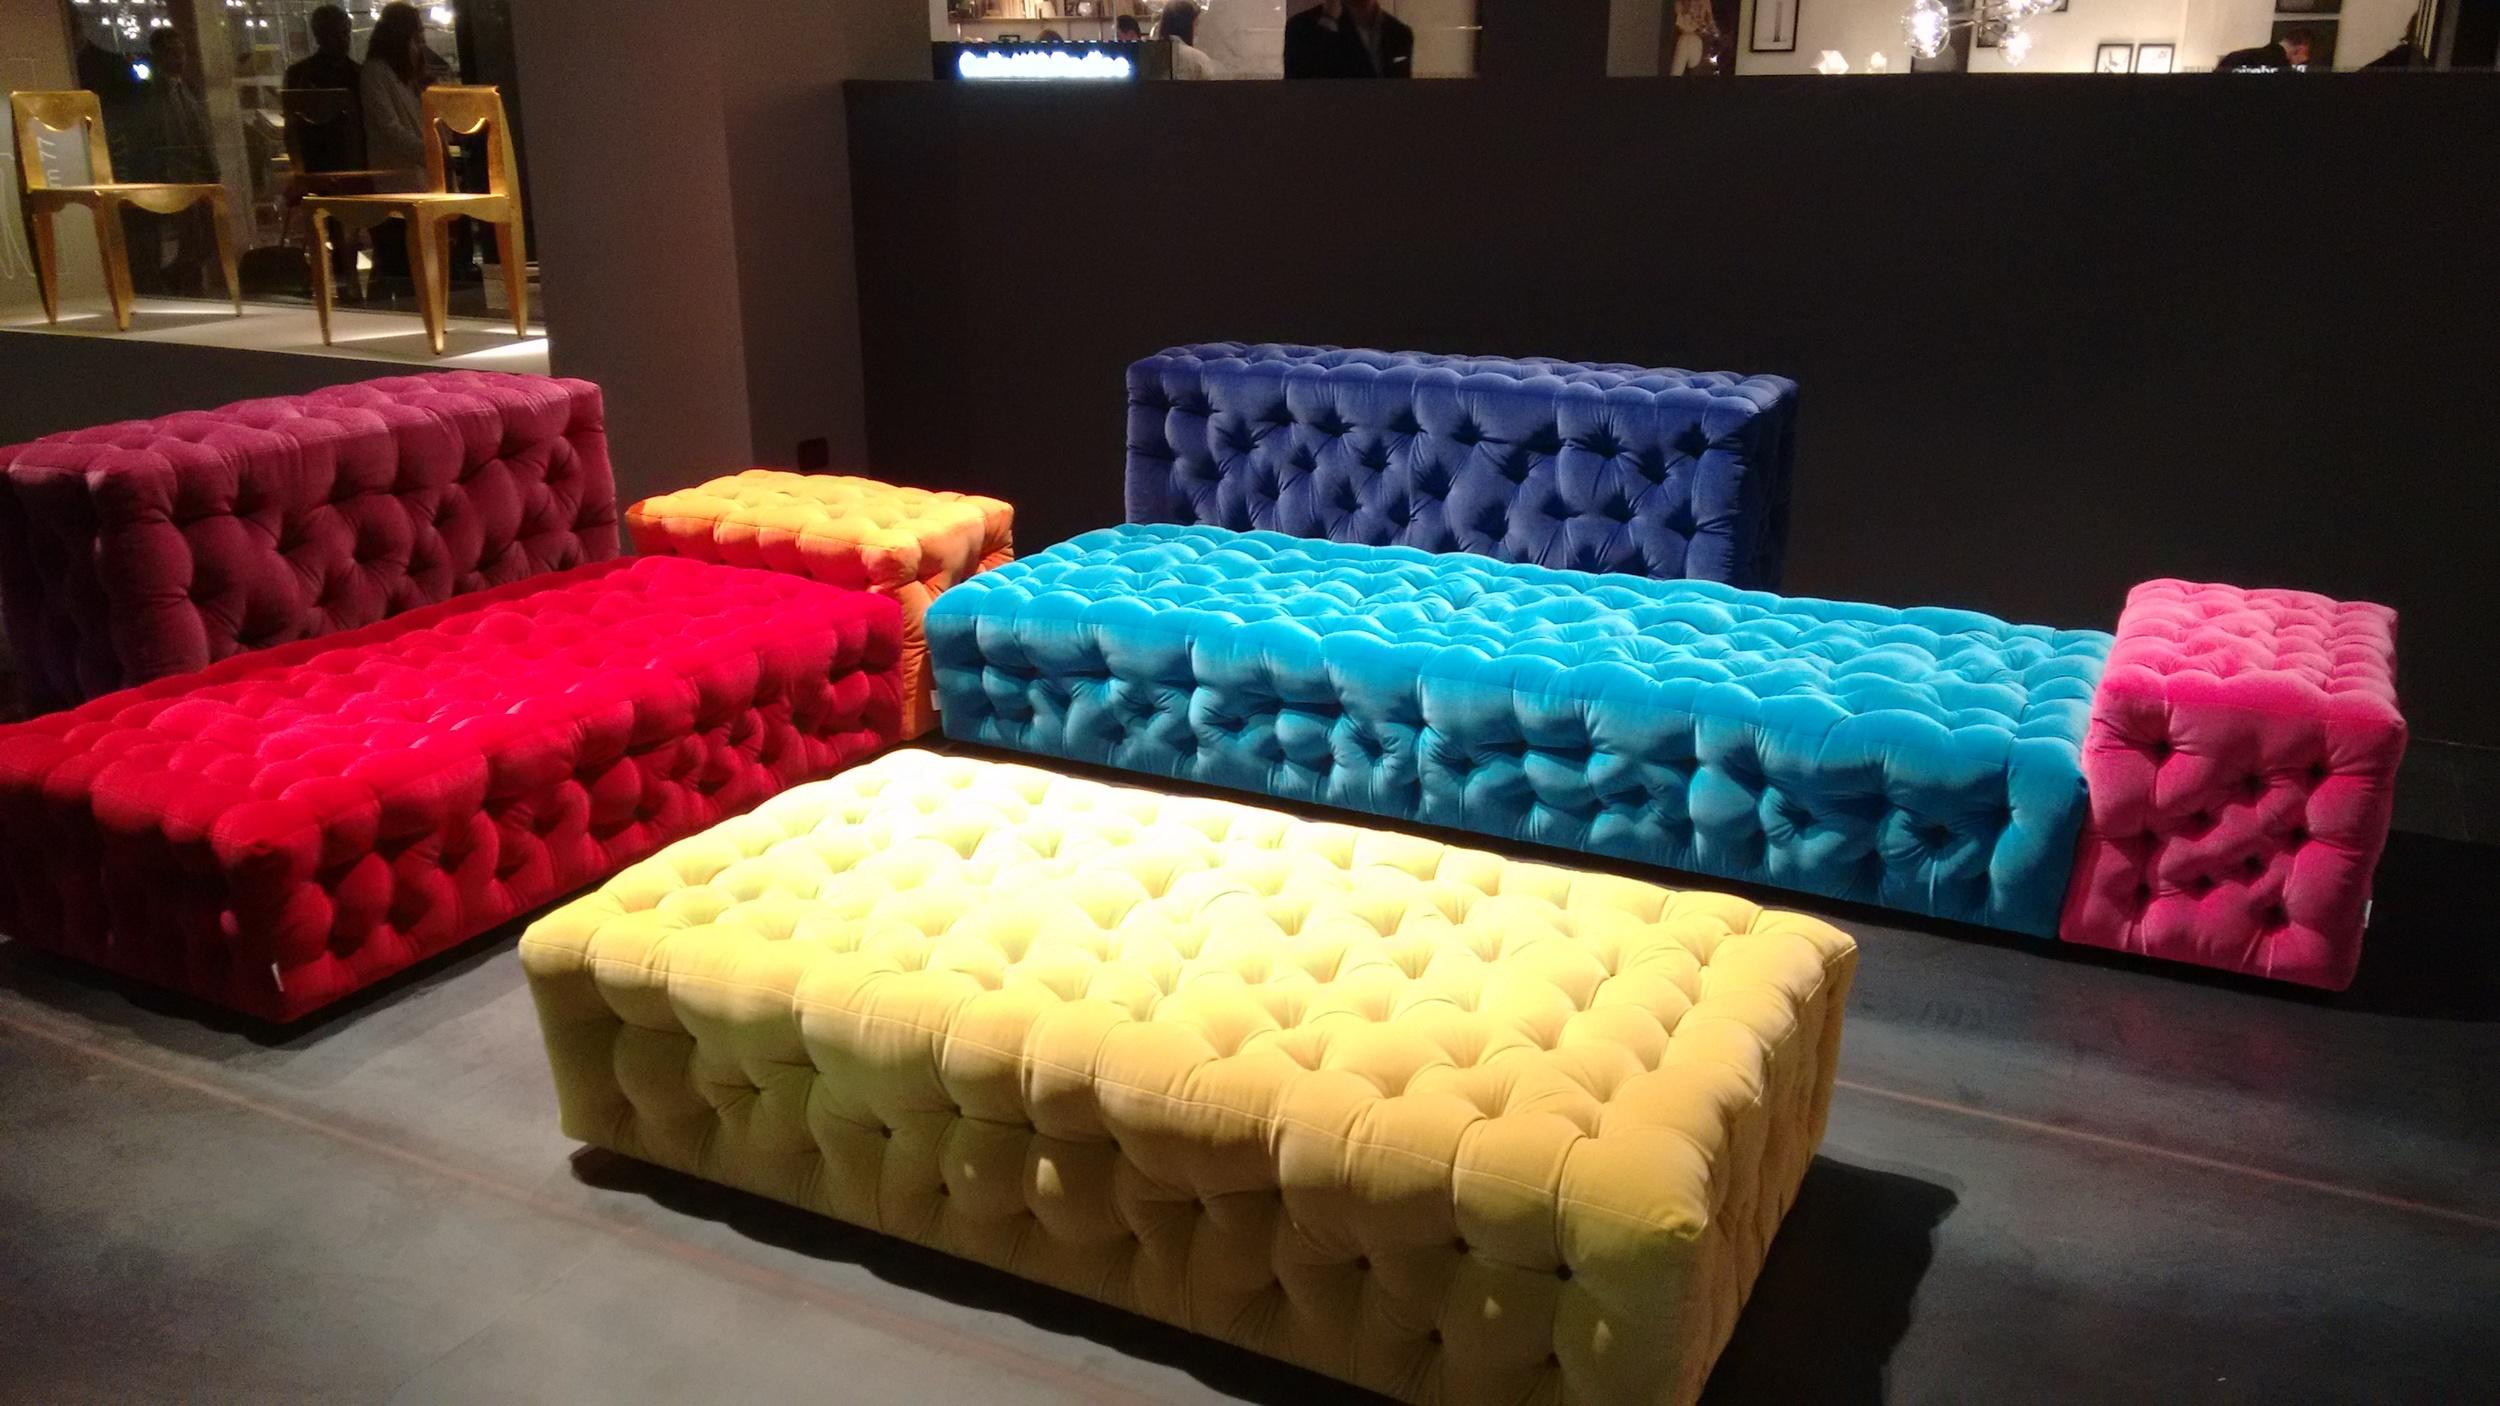 The colorful La Michetta sofa designed by Gaetano Pesce for Meritalia. / La colorida La Michetta, diseñada por Gaetano Pesce para Meritalia.